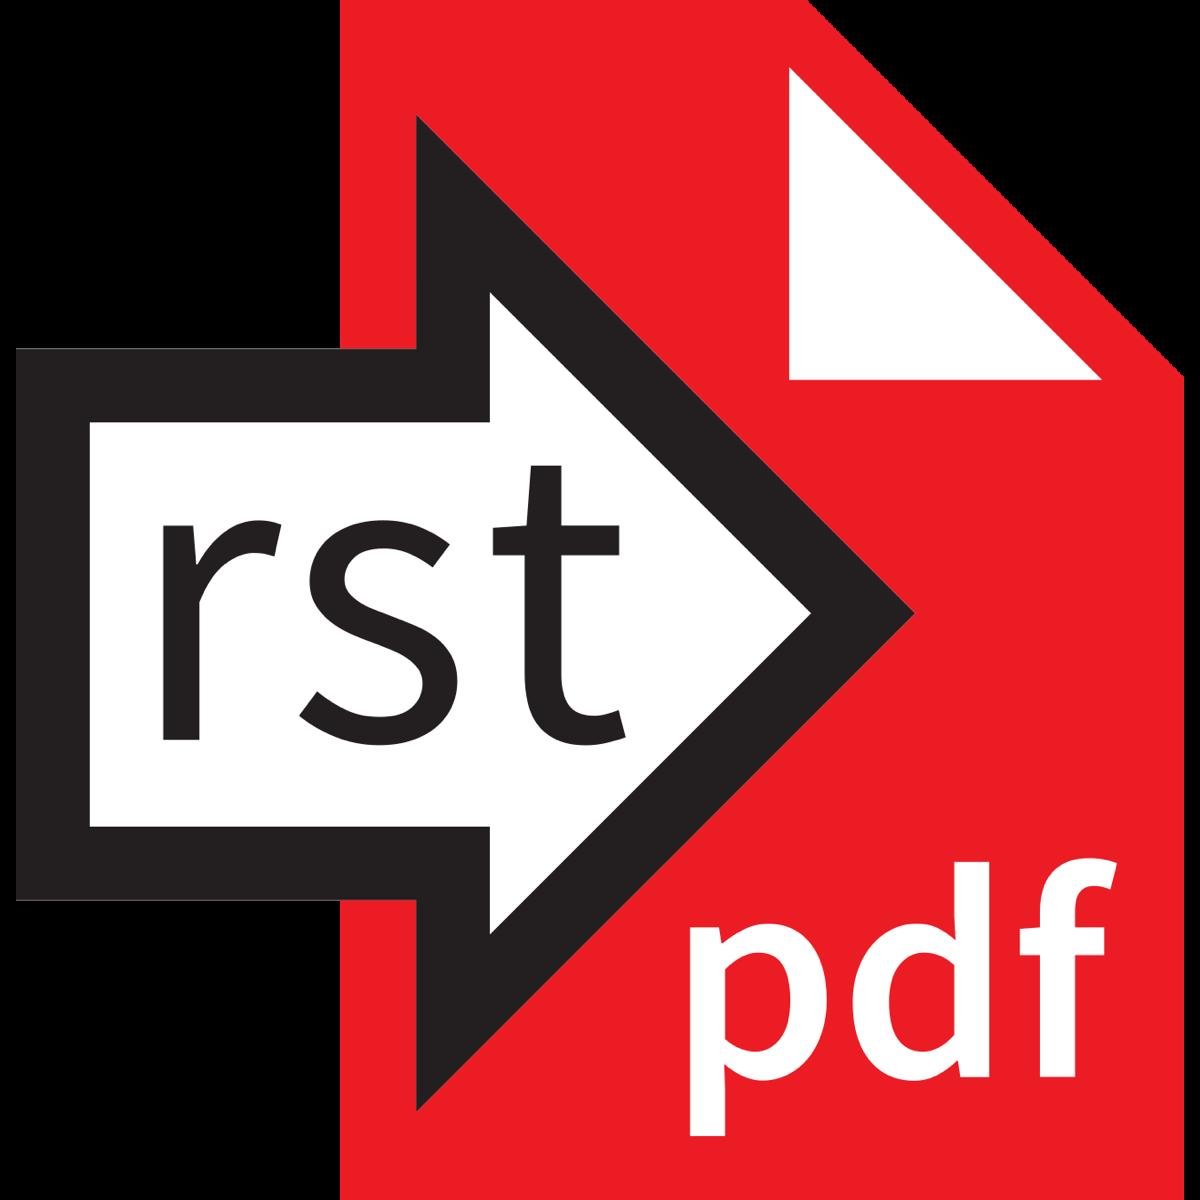 Rst2pdf logo 1350